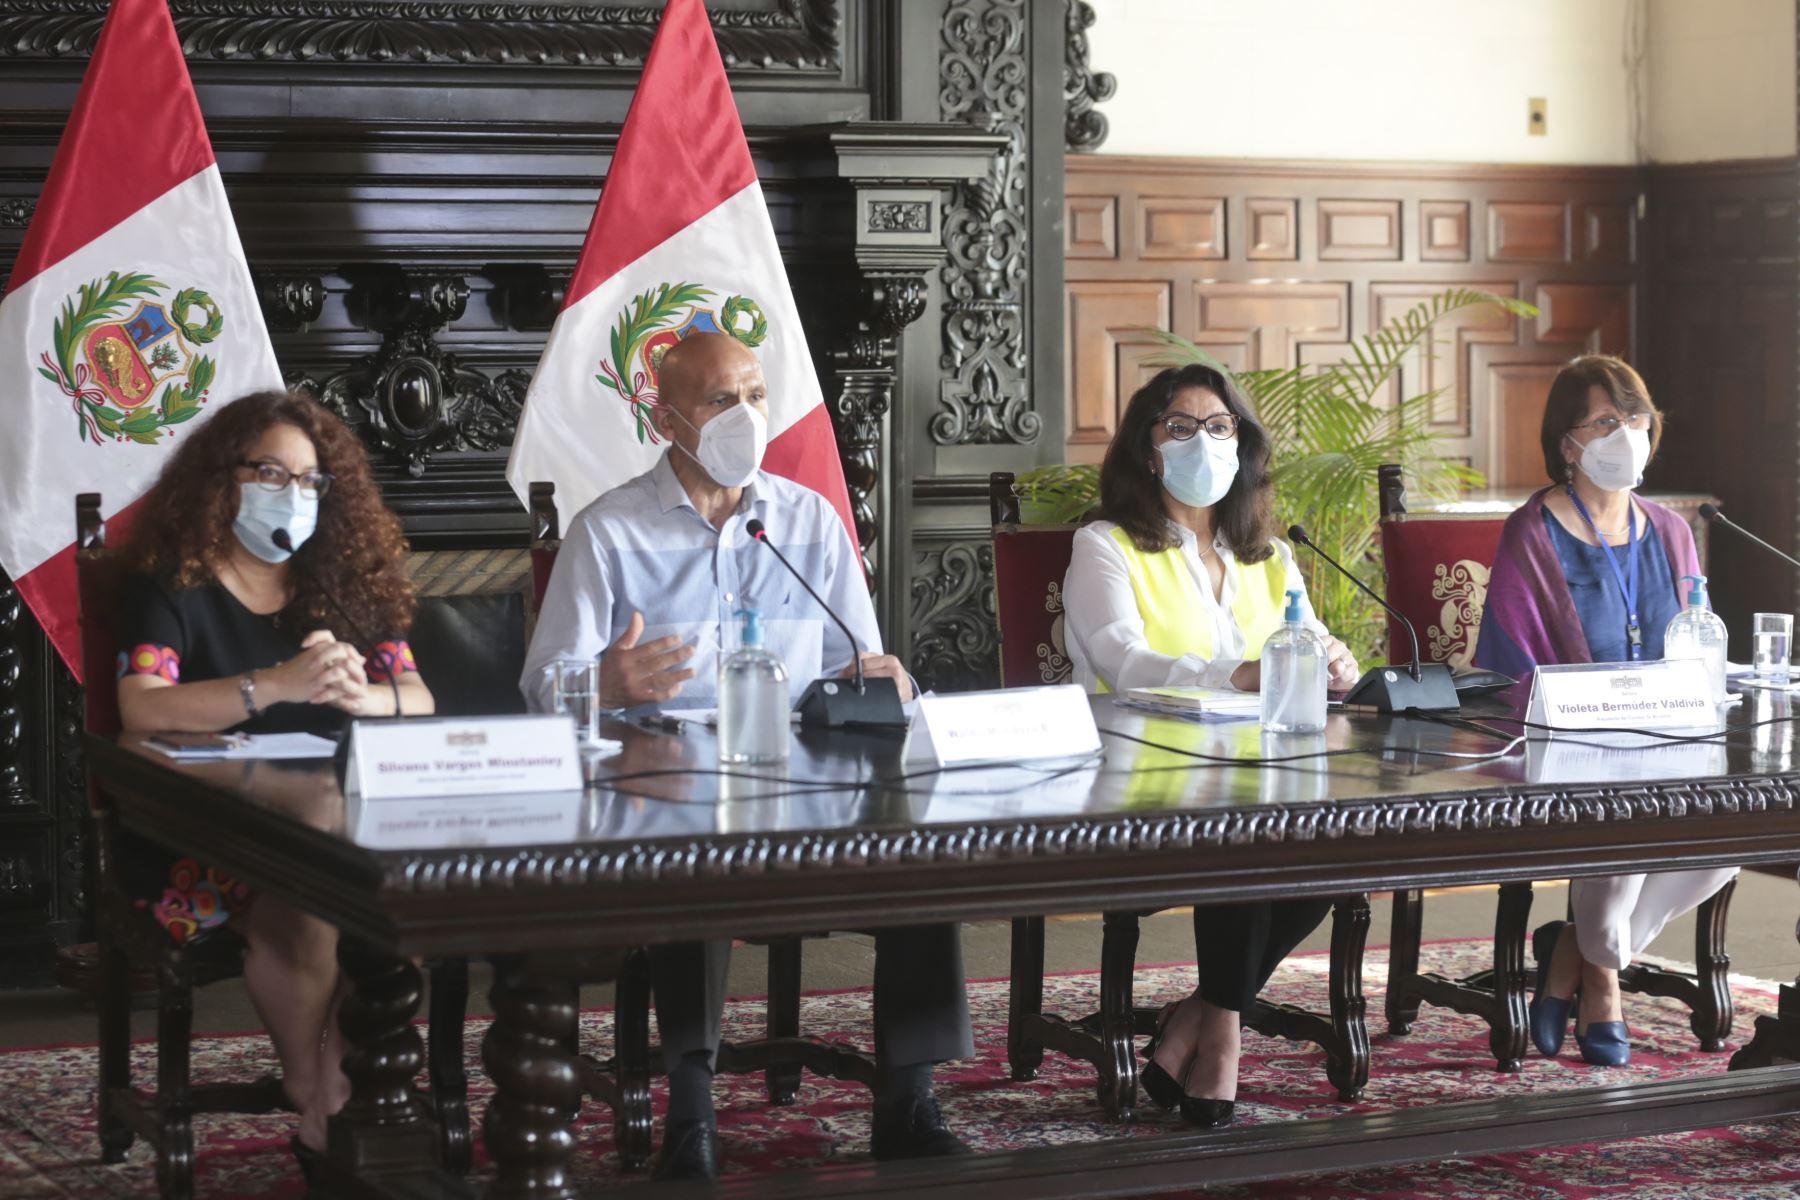 La presidenta del Consejo de Ministros, Violeta Bermúdez, brinda una conferencia de prensa junto a ministros de los sectores: Economía, Salud e Inclusión Social  para detallar las medidas implementadas por el gobierno de transición y emergencia ante la pandemia. Foto: PCM